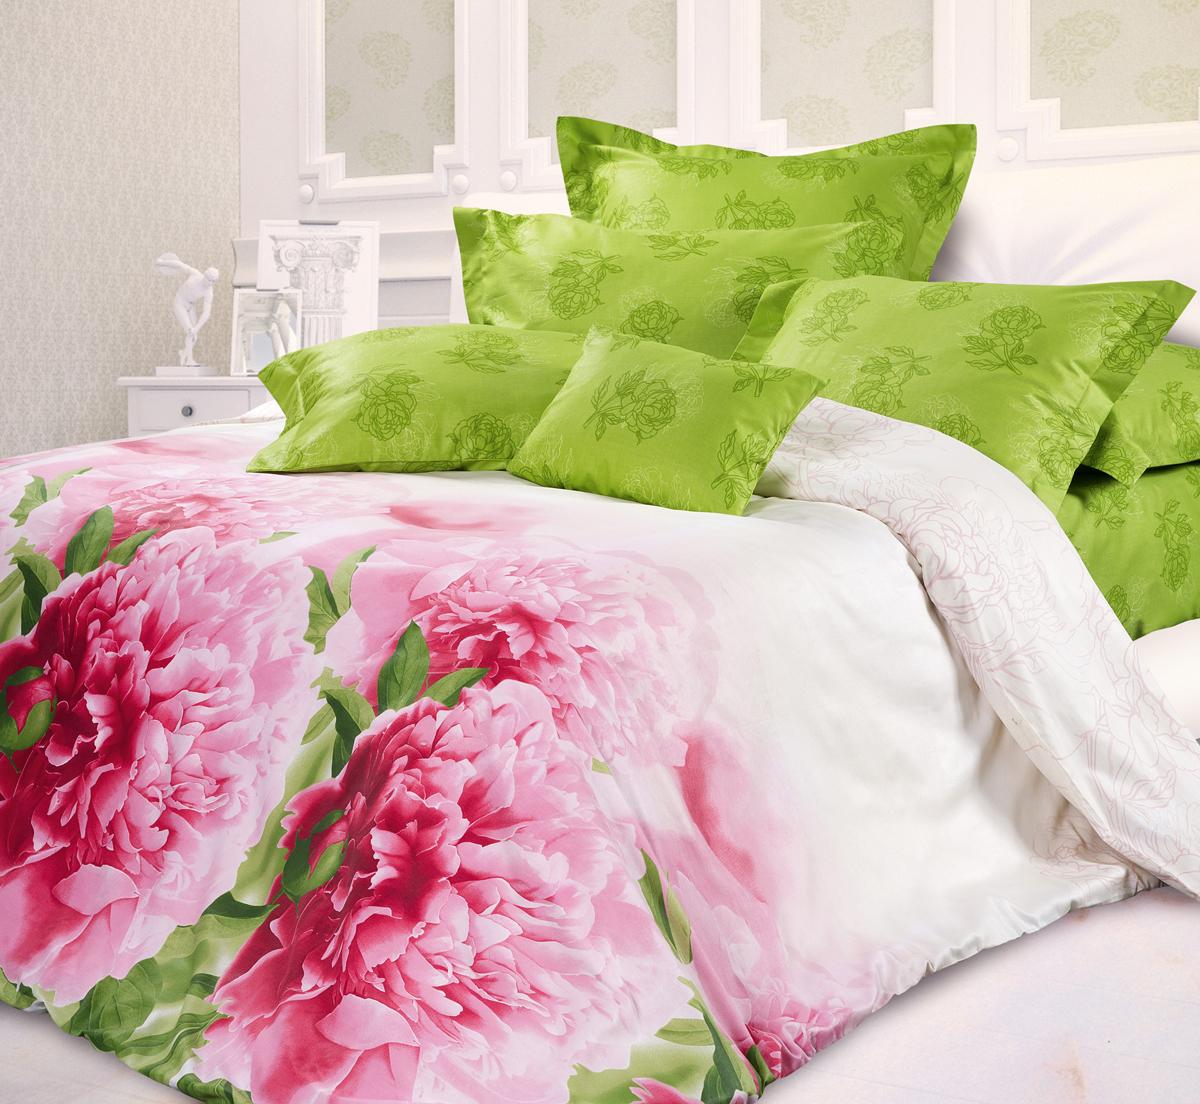 Комплект белья Унисон Дивный сад, 1,5 спальное, наволочки 70 х 70. 329470CLP446Комплект постельного белья УнисонДивный сад состоит из пододеяльника, простыни идвух наволочек. Постельное белье оформлено оригинальным яркимизображением цветов. Такой дизайнпридется по душе каждому. Роскошная коллекция постельного белья из 100% хлопкавысшего качества. Мягкий, износостойкий, нежный сатин сблагородным шелковистым блеском производится изкрученой хлопковой нити поспециальной технологии двойного плетения.Приобретая комплект постельного белья УнисонДивный сад, вы можете быть уверенны в том, чтопокупка доставит вам ивашим близким удовольствие и подаритмаксимальный комфорт.Унисон - это несколько серий постельного белья с разными дизайнами: яркиймолодежный Унисон teens, Унисон а-ля русс с народными мотивами,утонченная коллекция Акварель и другие.